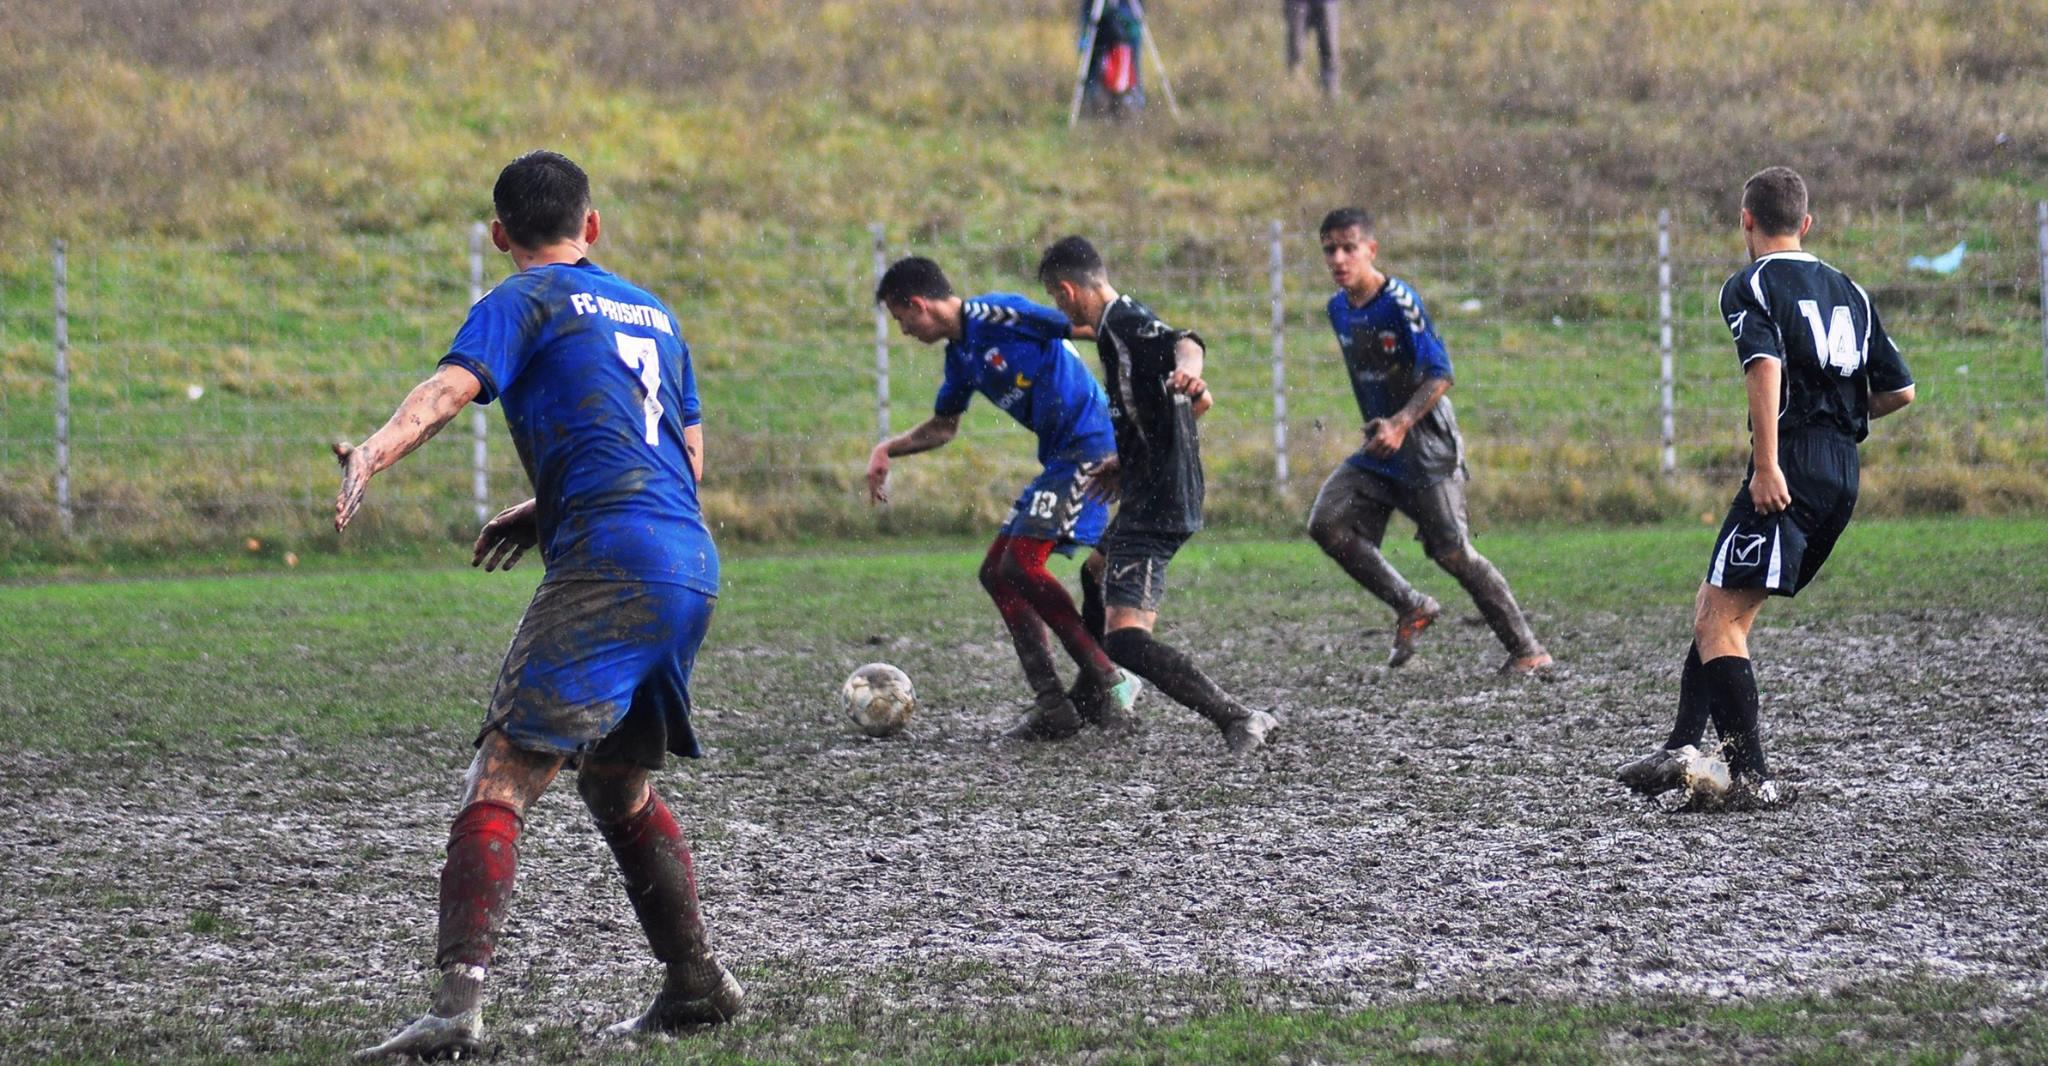 E ardhmja e futbollit lind në baltë (FOTO)